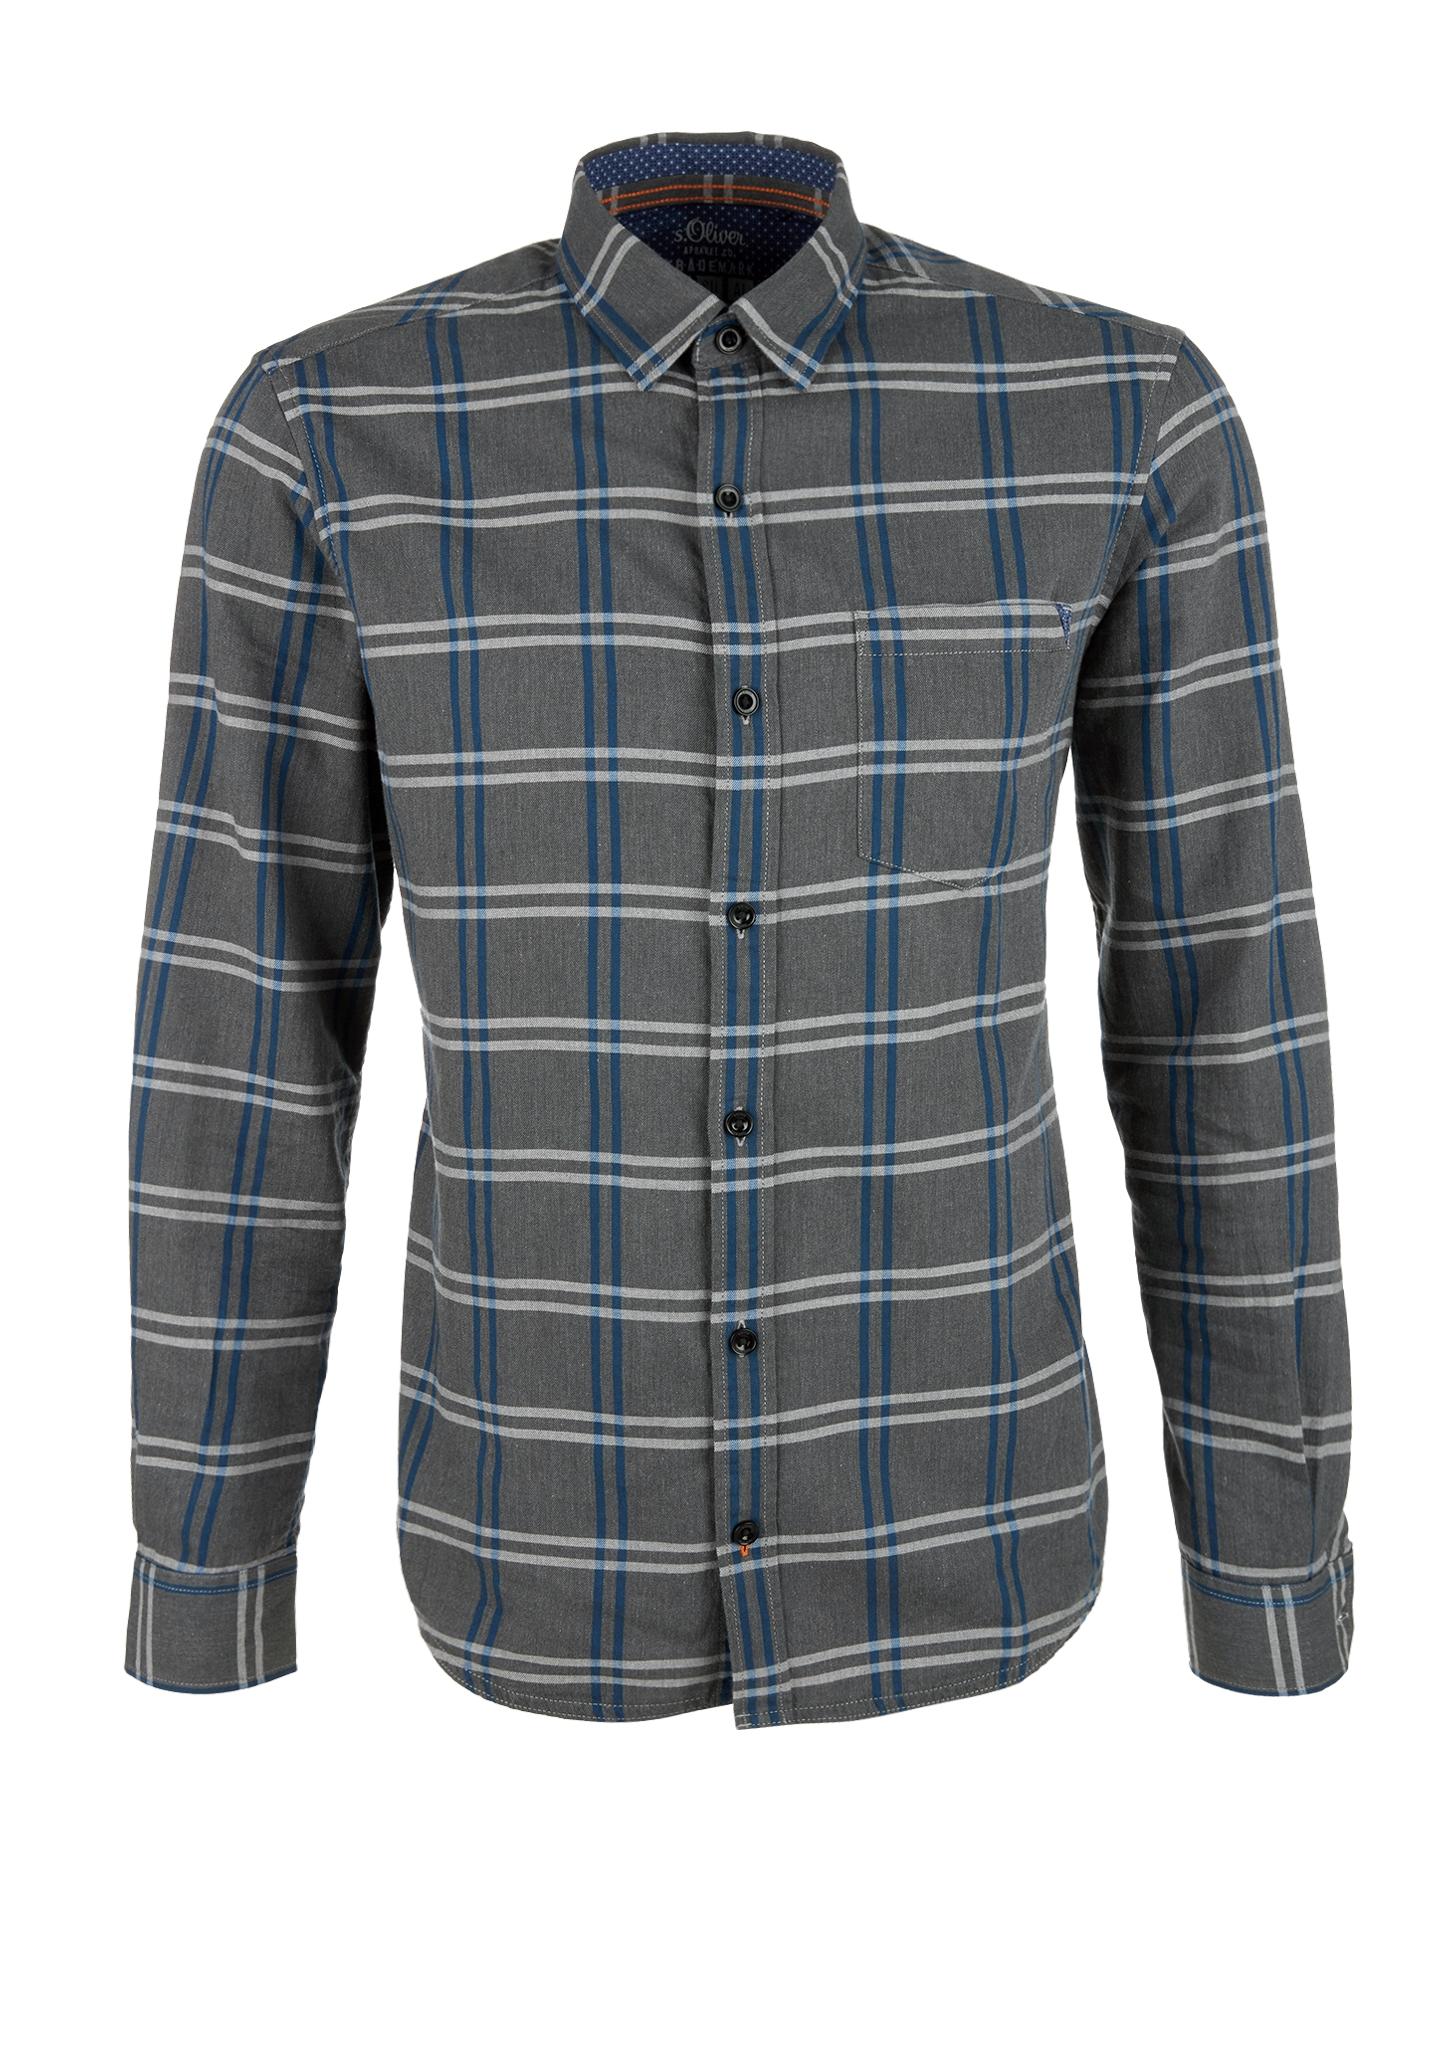 Karohemd | Bekleidung | Grau/schwarz | 100% baumwolle | s.Oliver